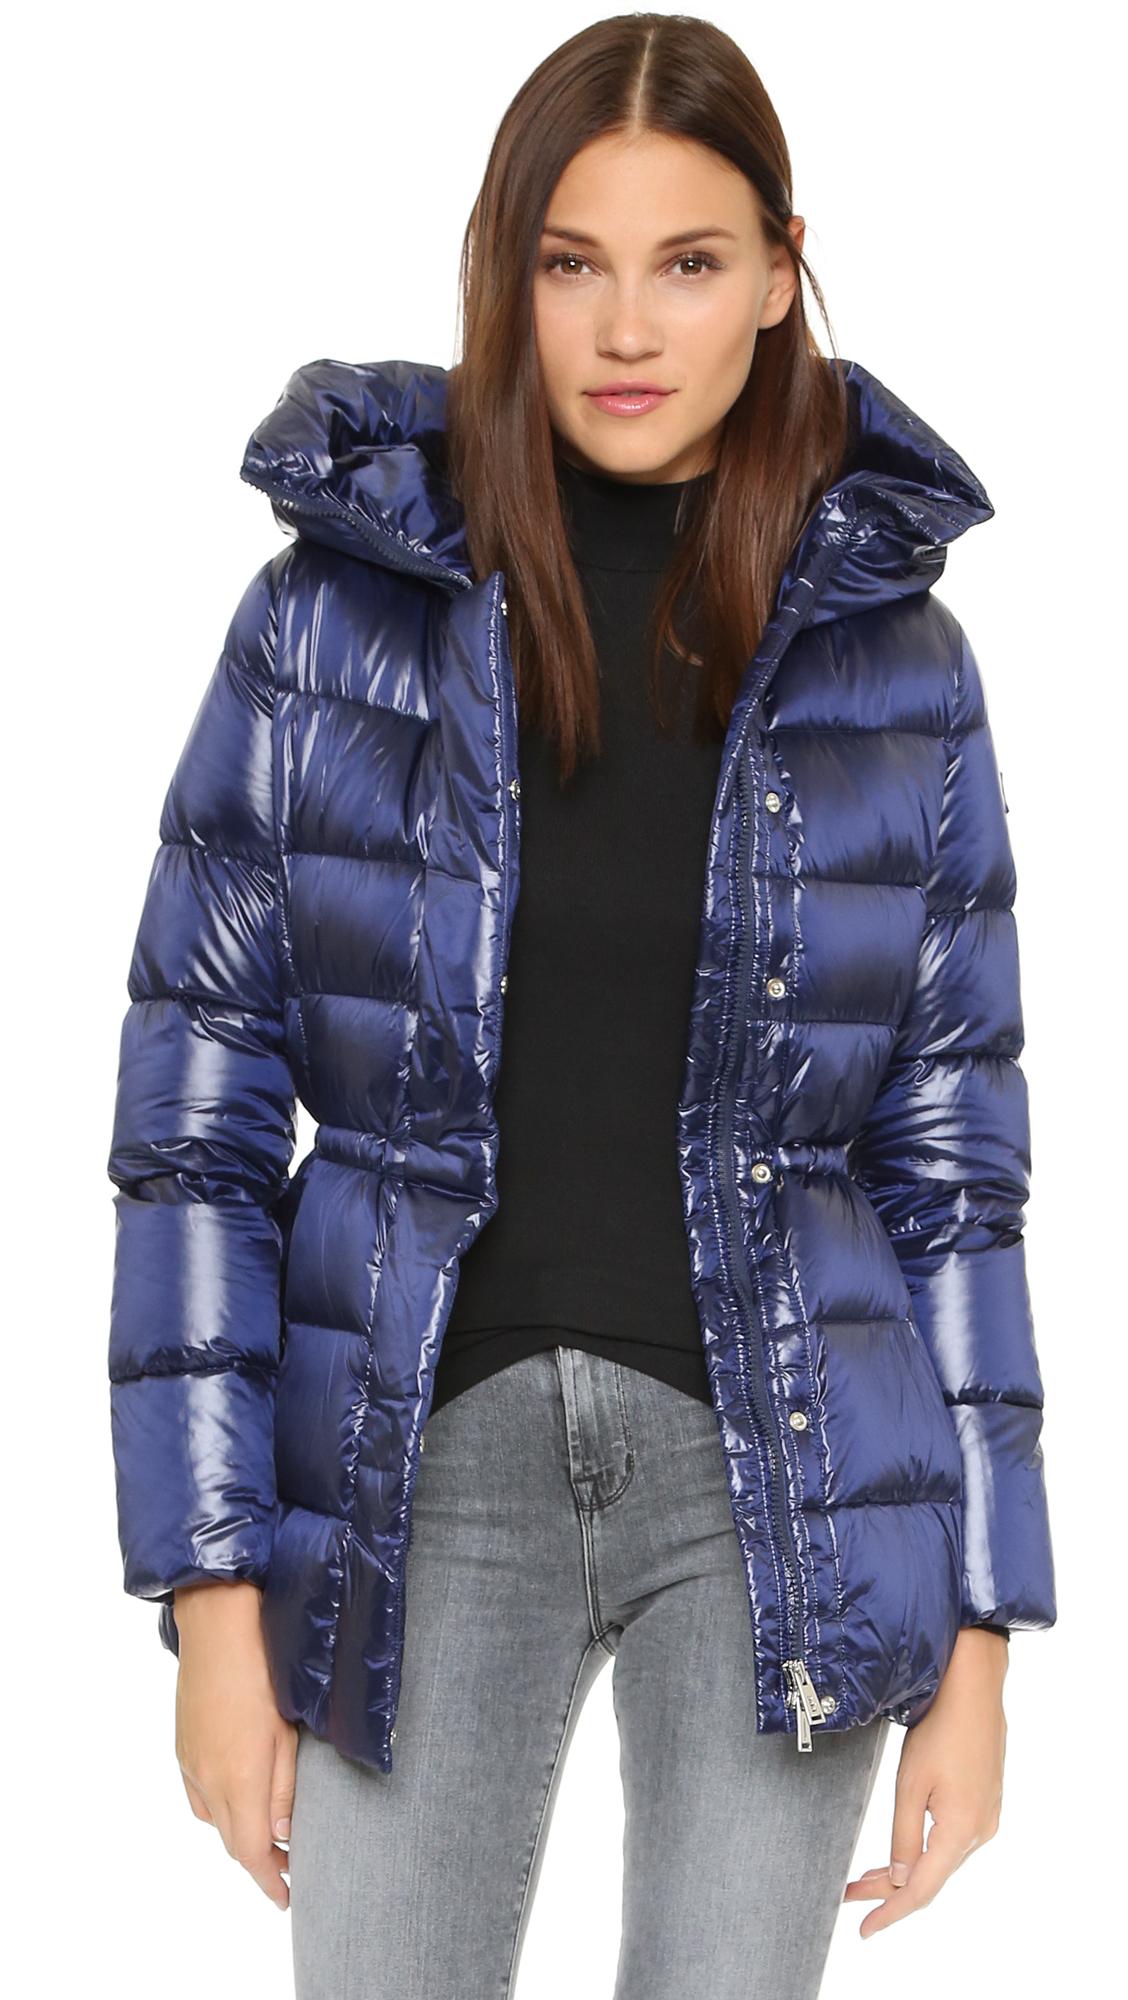 Down Puffer Coat Women - Coat Nj